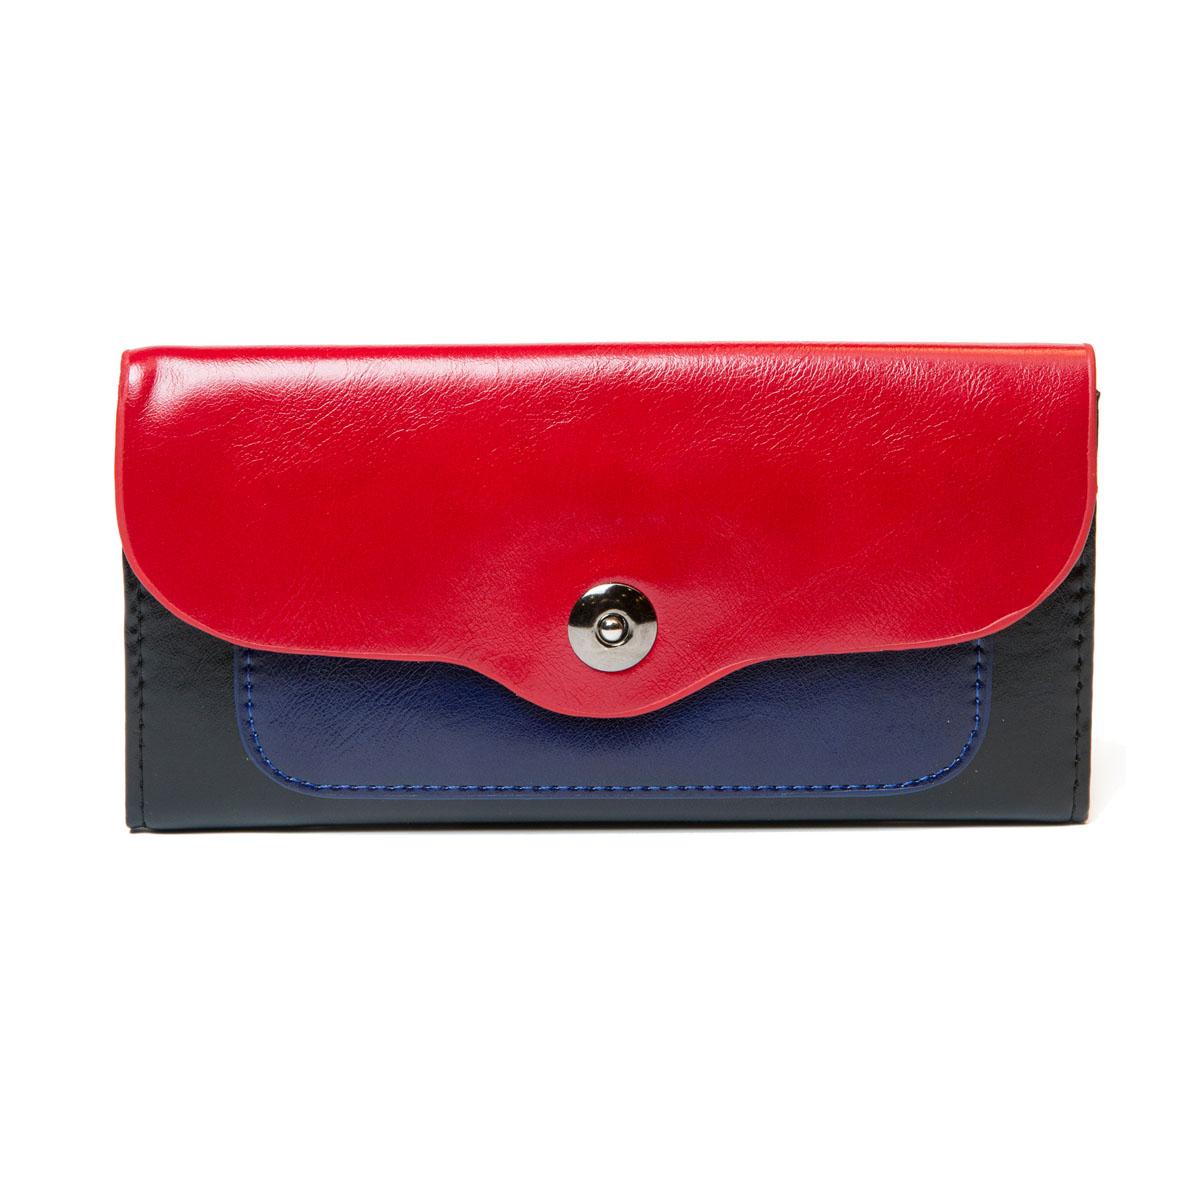 Кошелек женский Mitya Veselkov, цвет: красный, синий, черный. K-3CBLABM8434-58AEКошелек из натуральной и искусственной кожи, станет прекрасным дополнением к вашему неповторимому стилю. Модель закрывается клапаном на кнопку. Внутри состоит из двух больших отделений для купюр, одного отделения для монет на застежке-молнии. Также предусмотрены несколько отделений для визиток или кредиток.Верхняя часть кошелька сделанаиз натуральной кожи, для повышения износостойкости.